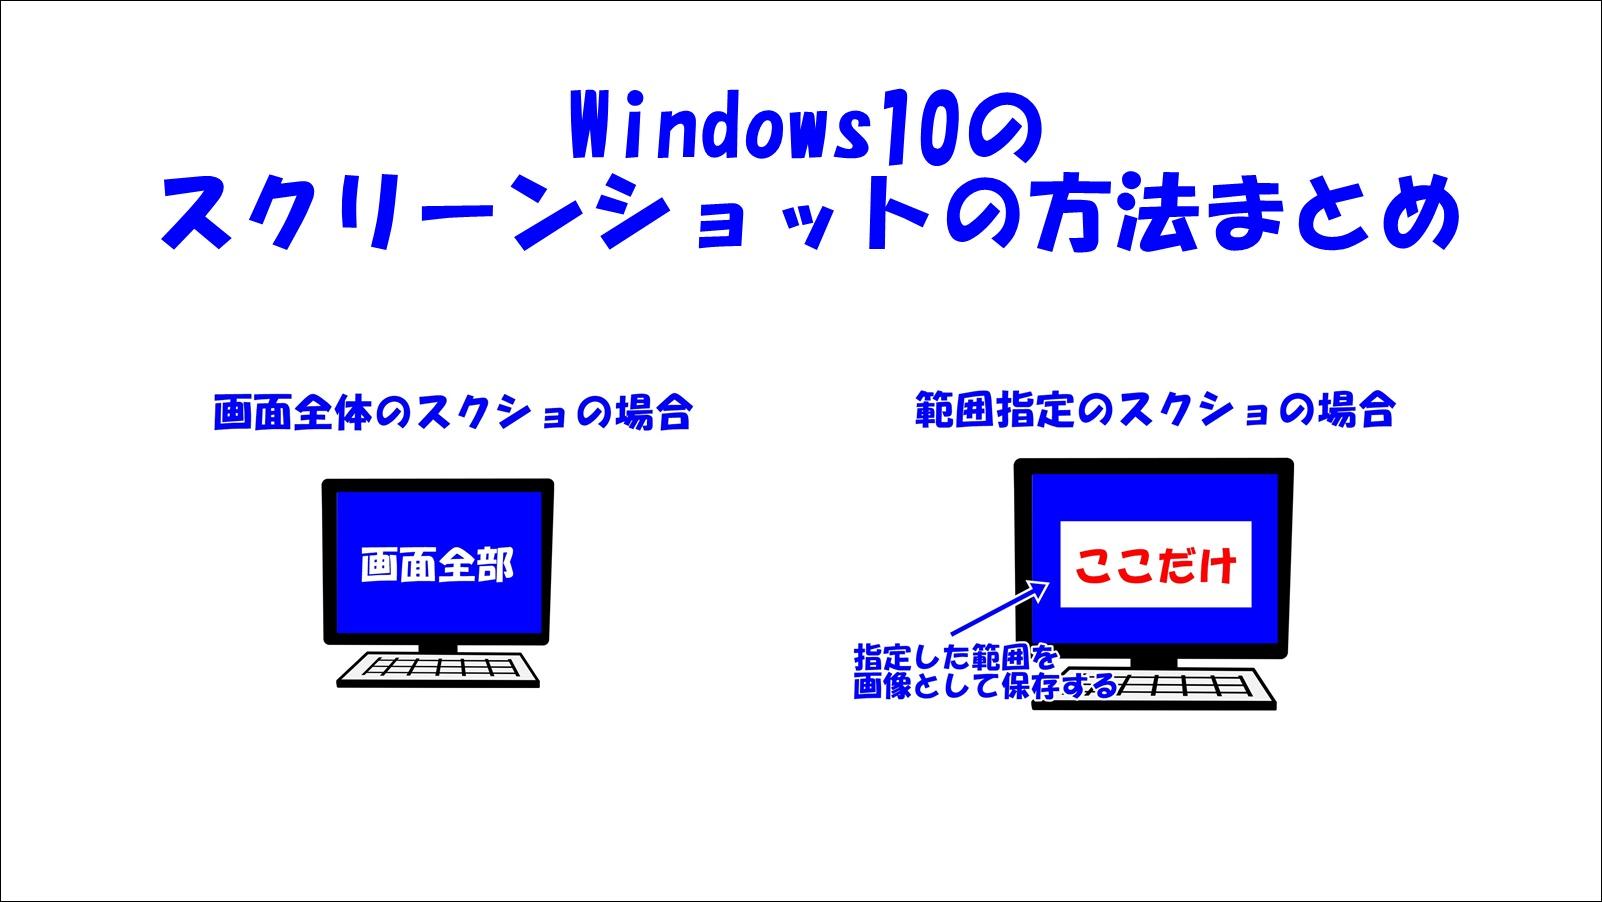 Windows10のスクリーンショットの方法まとめ